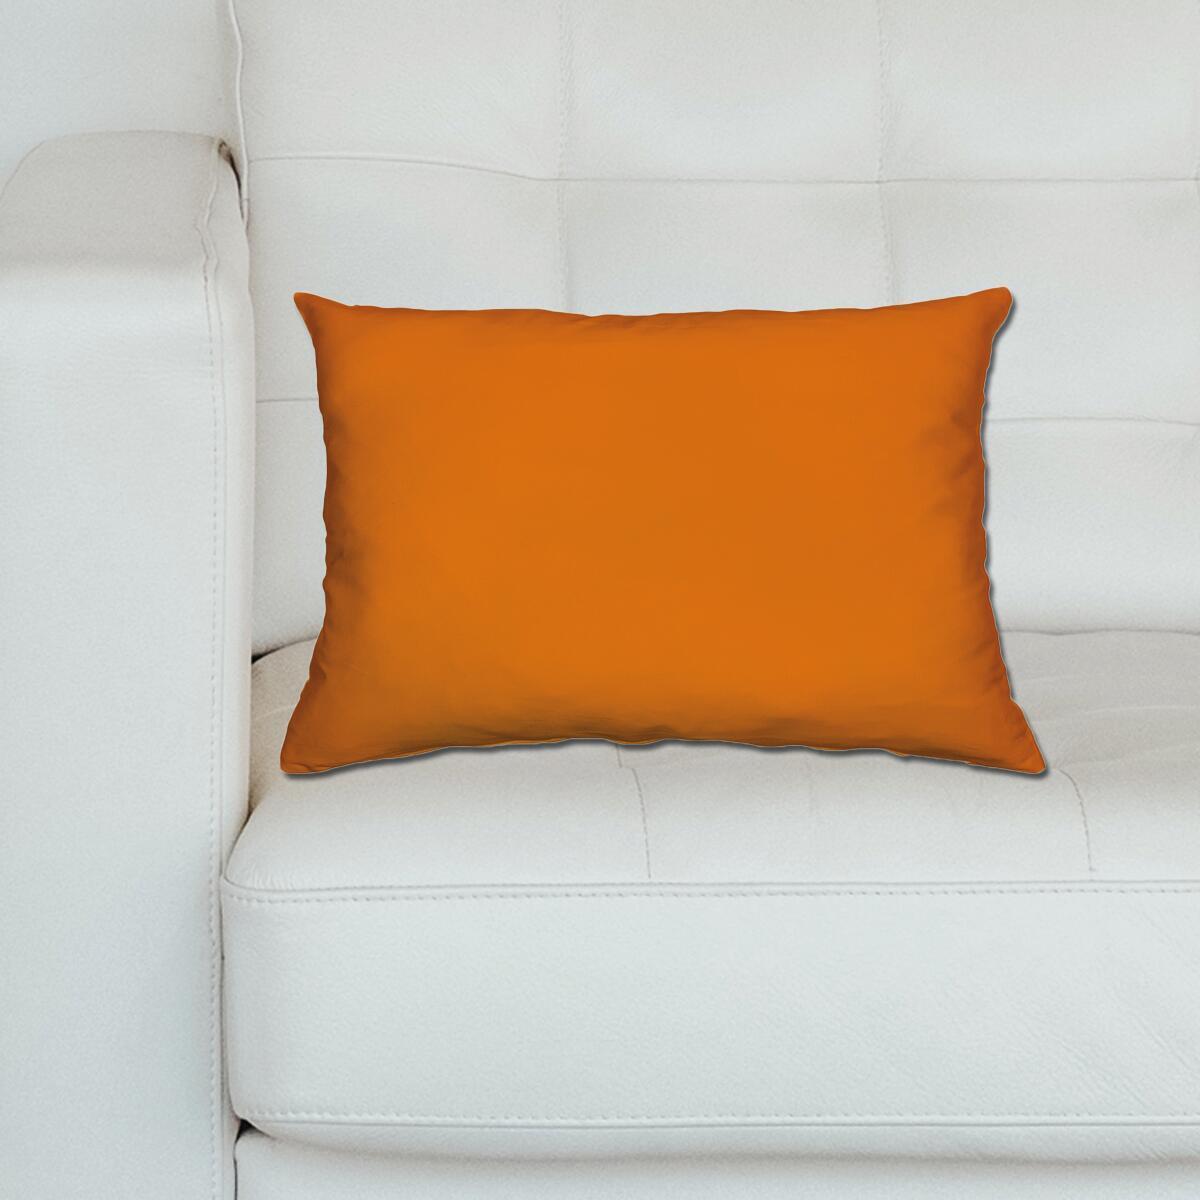 Cuscini Arancioni Al Miglior Prezzo Leroy Merlin